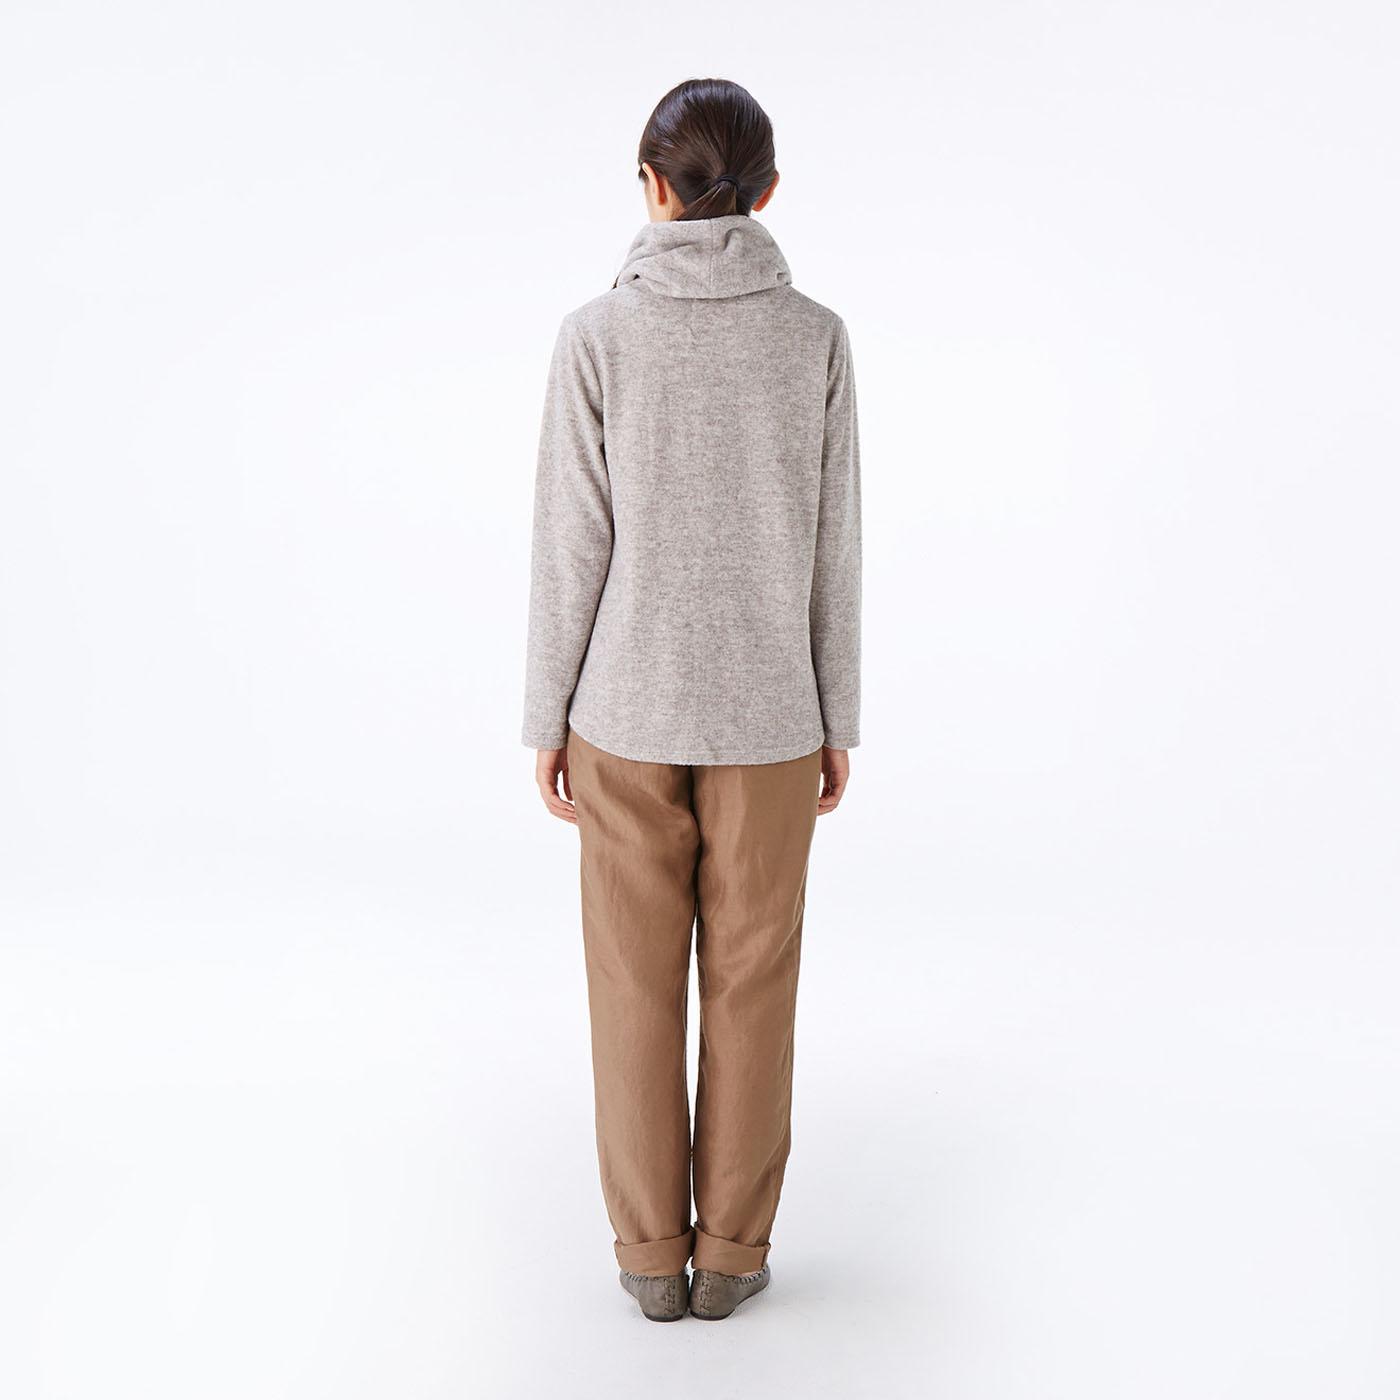 モデル身長約165cm 着用サイズM 長めの着丈でおしりをカバー。